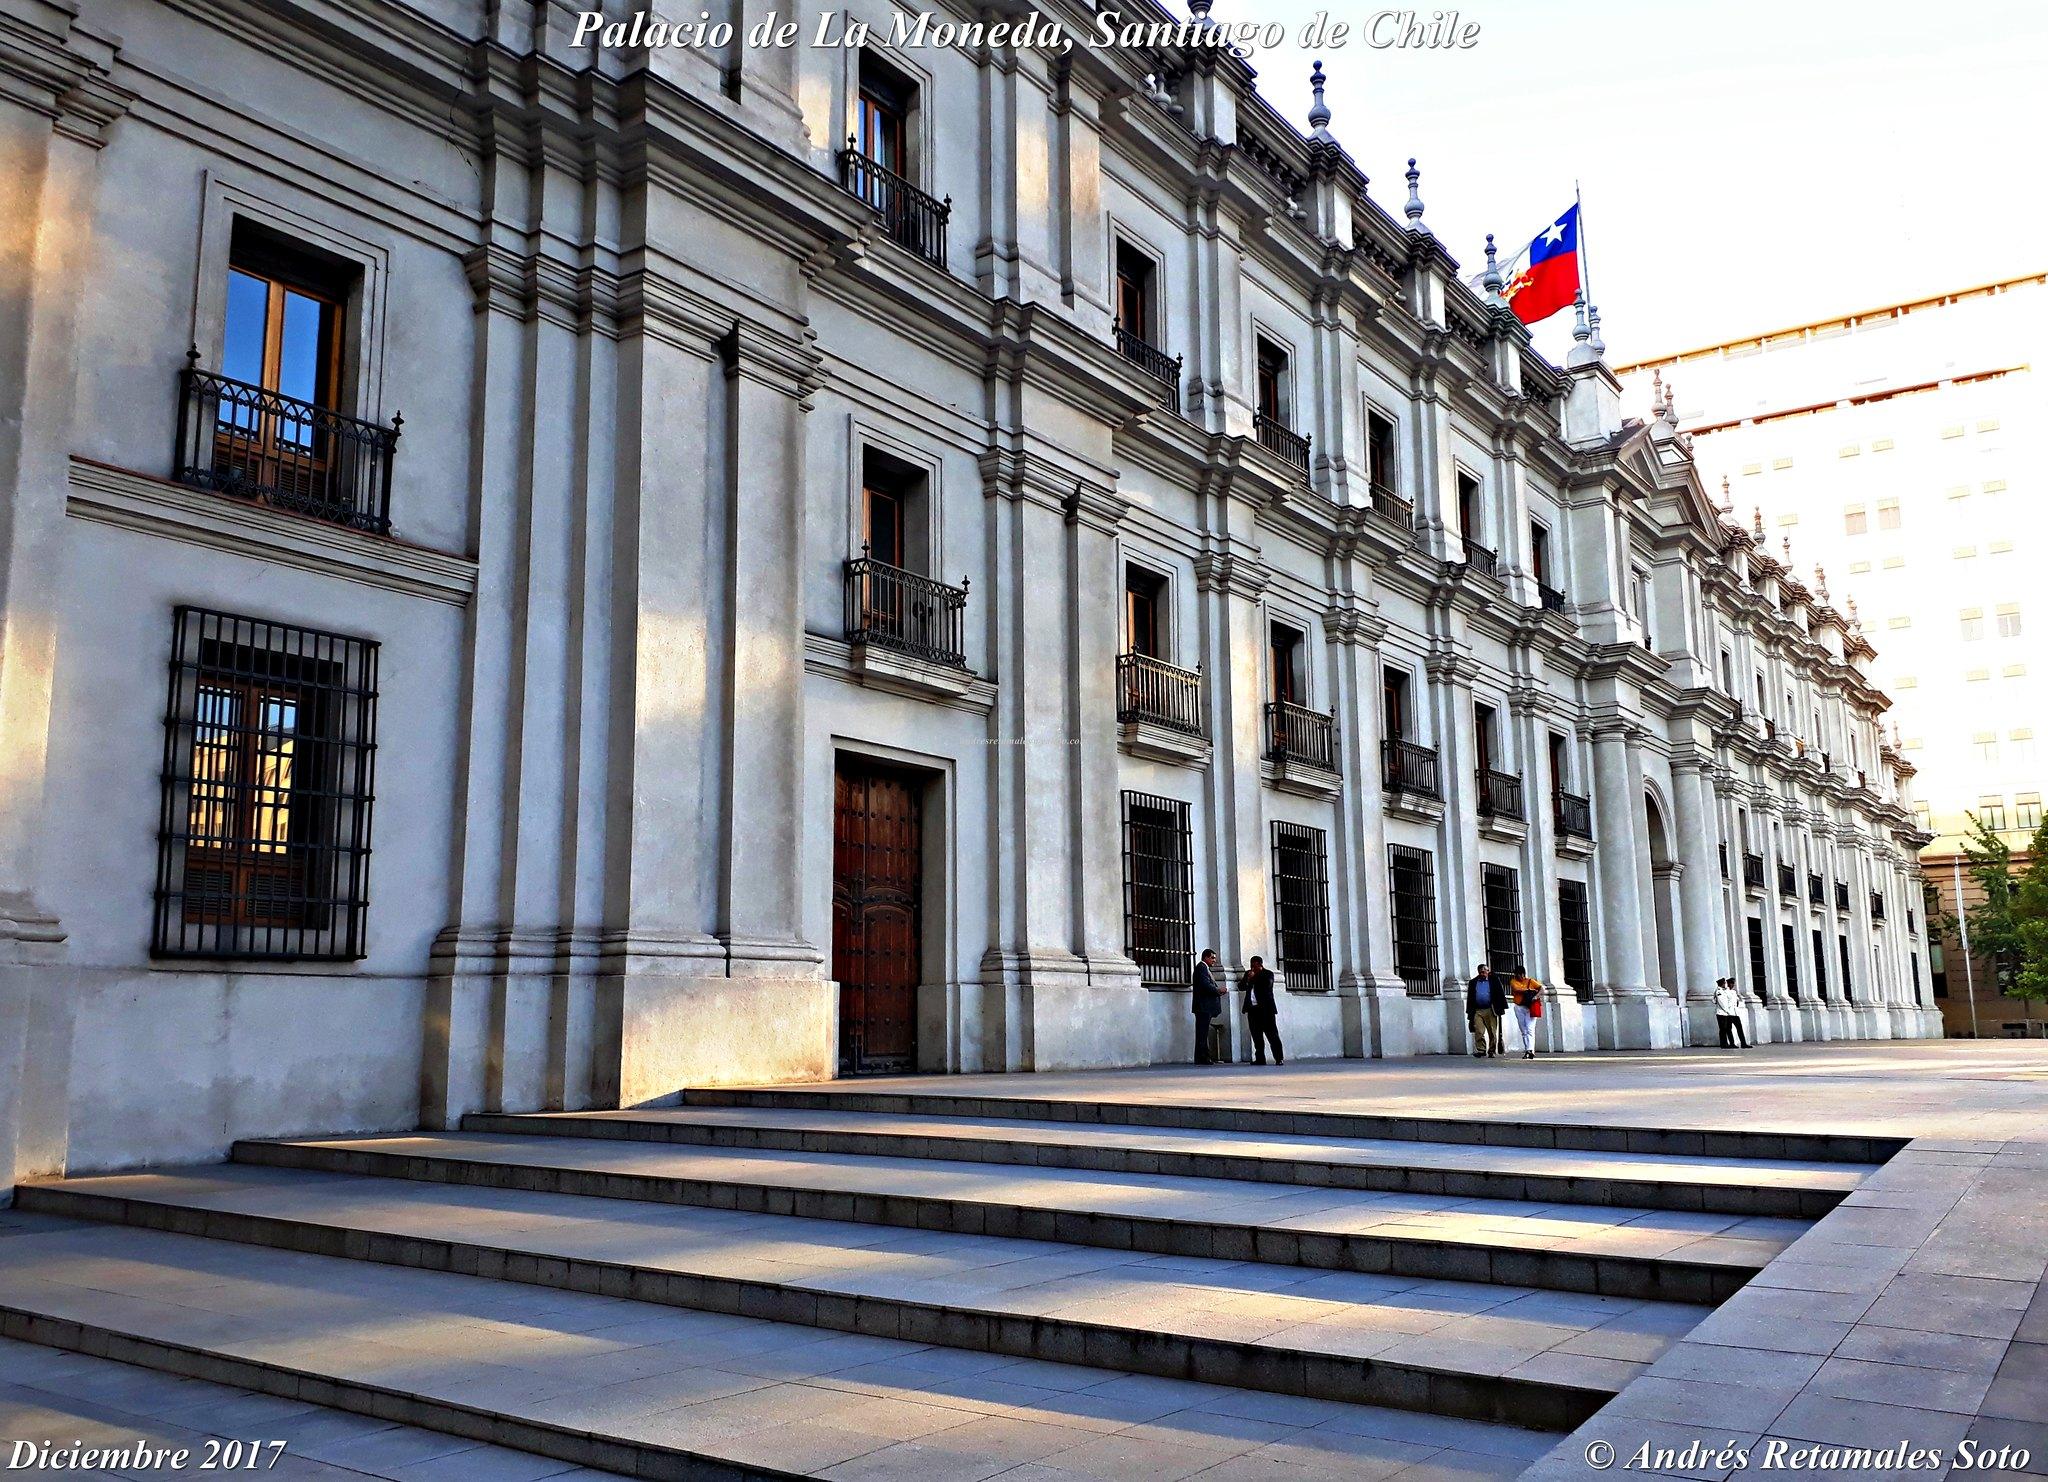 Palacio de La Moneda, Santiago de Chile, diciembre 2017